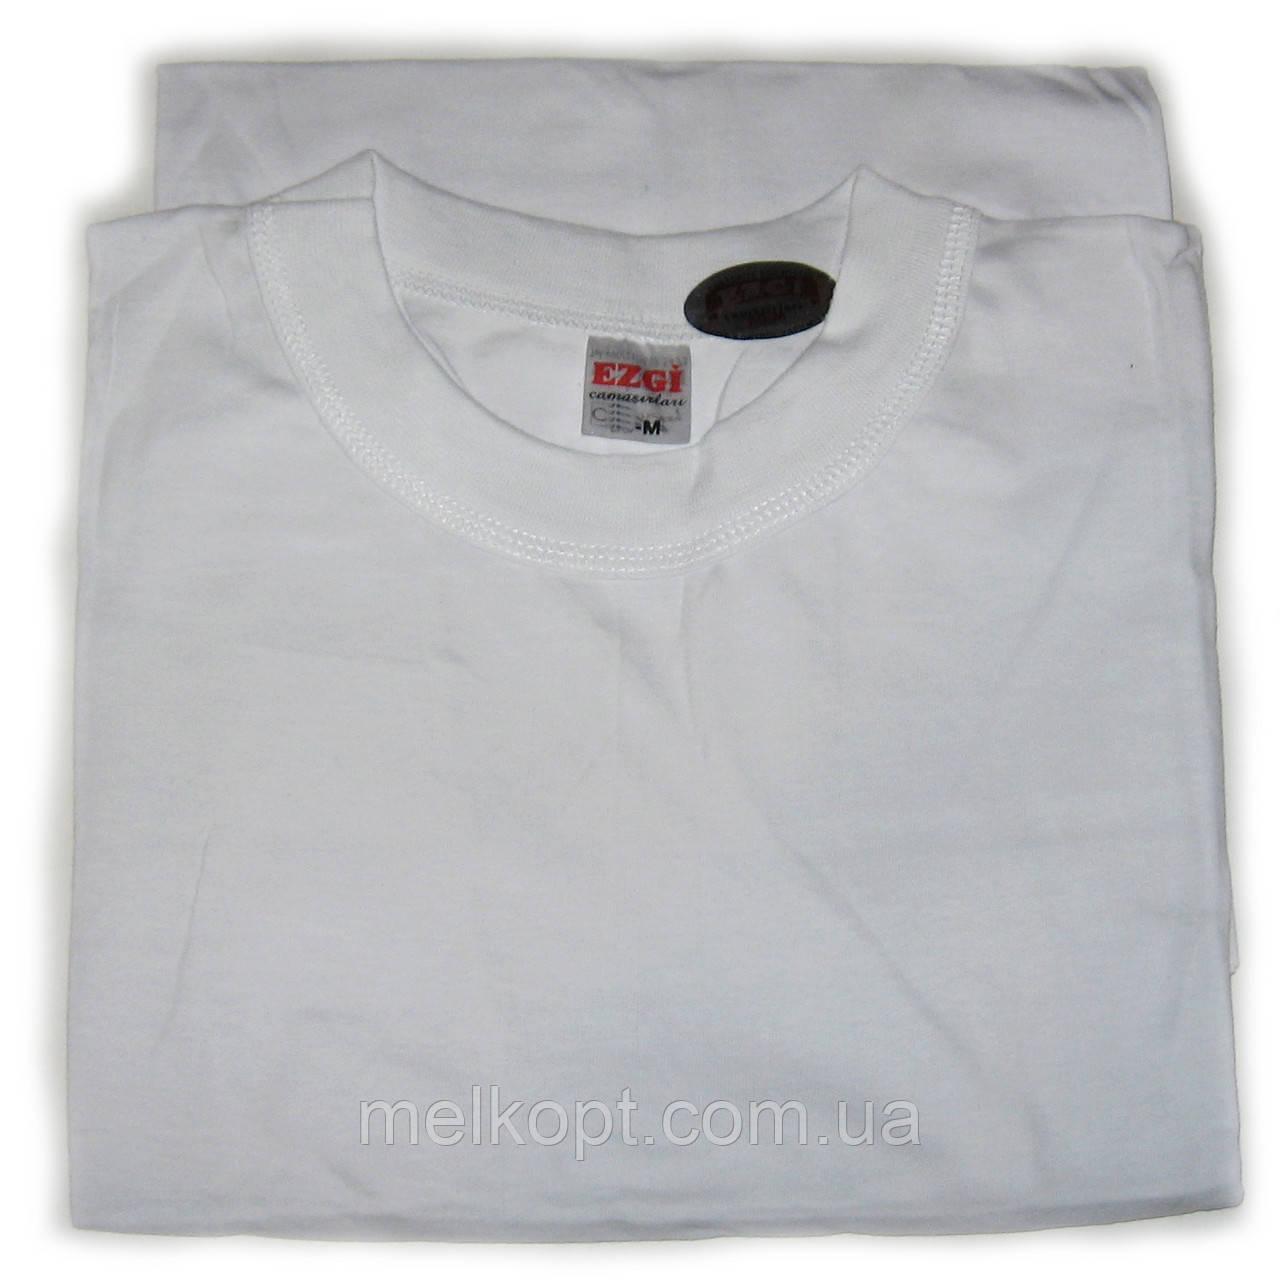 Чоловічі футболки Ezgi - 63,00 грн./шт. (66-й розмір, білі)